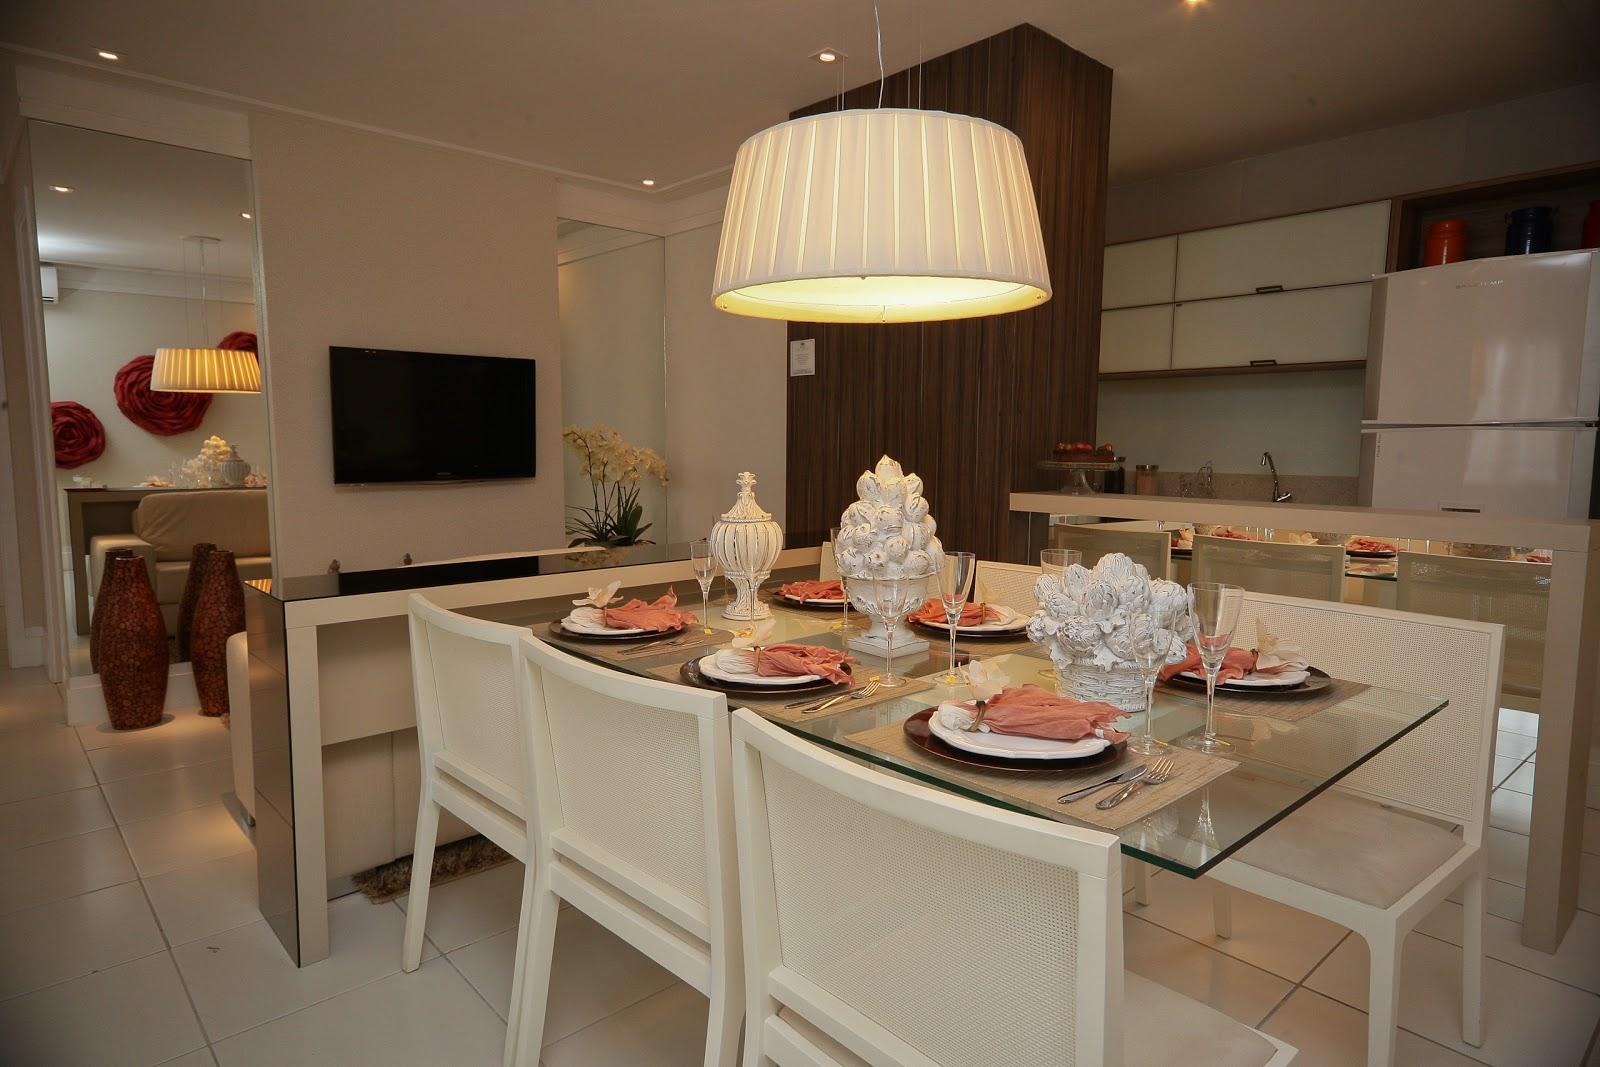 Salas De Estar E Jantar Integradas Decoradas Pequenas Salas De  -> Cozinha Integrada Com Sala De Jantar Pequena